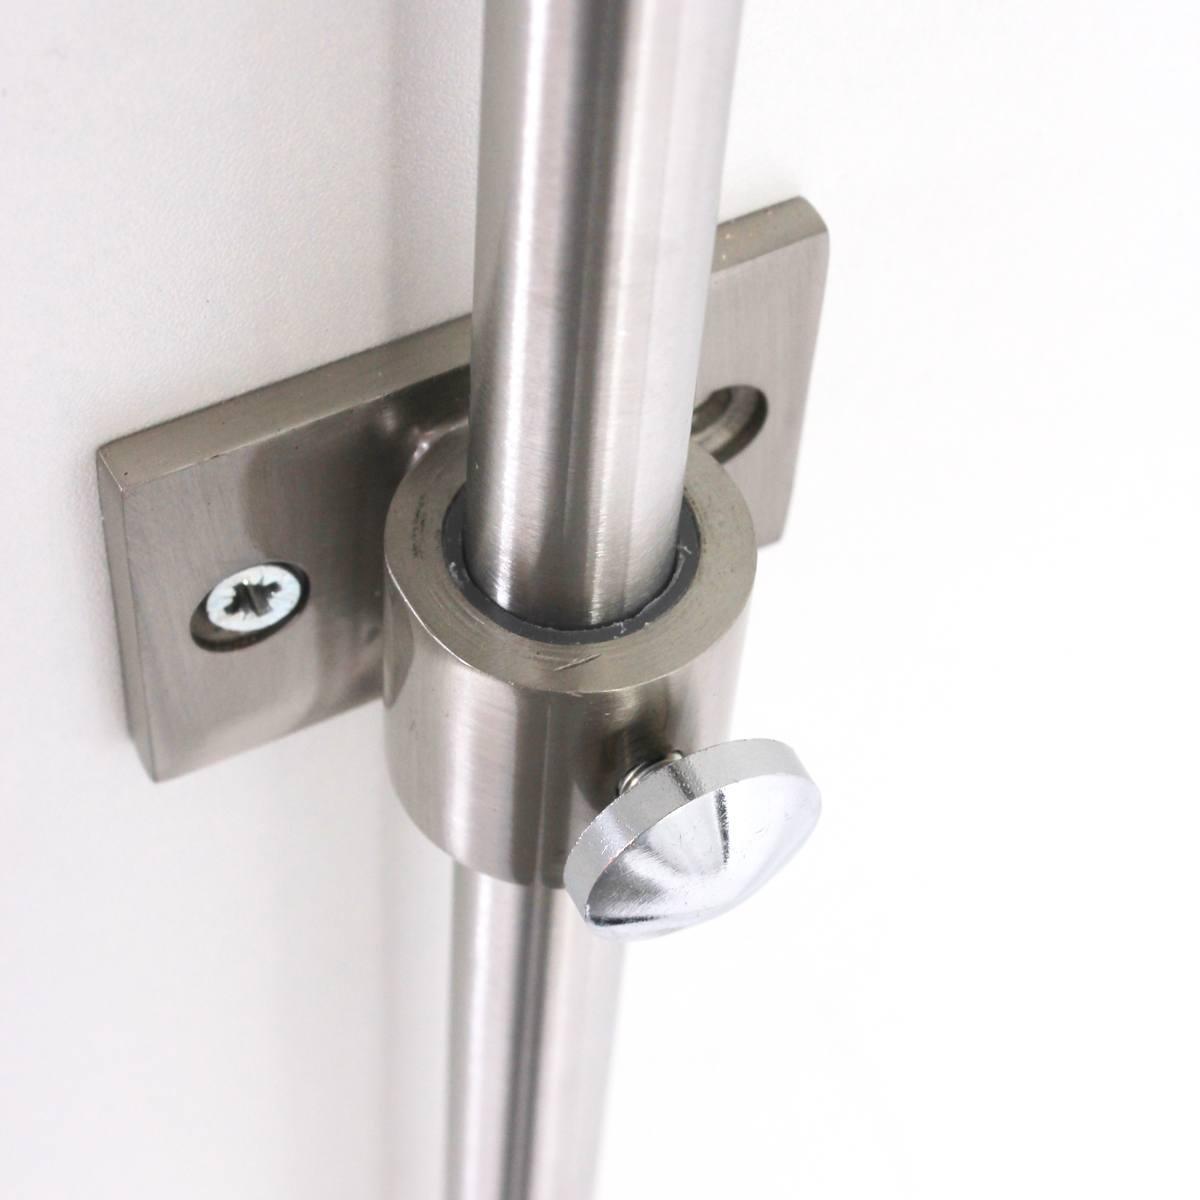 Wandlamp 1-lichts  switch -armatuur- STEINHAUER - 1481ST - Wandlamp- Steinhauer- Gramineus- Modern - Design- Staal  Staal- Metaal